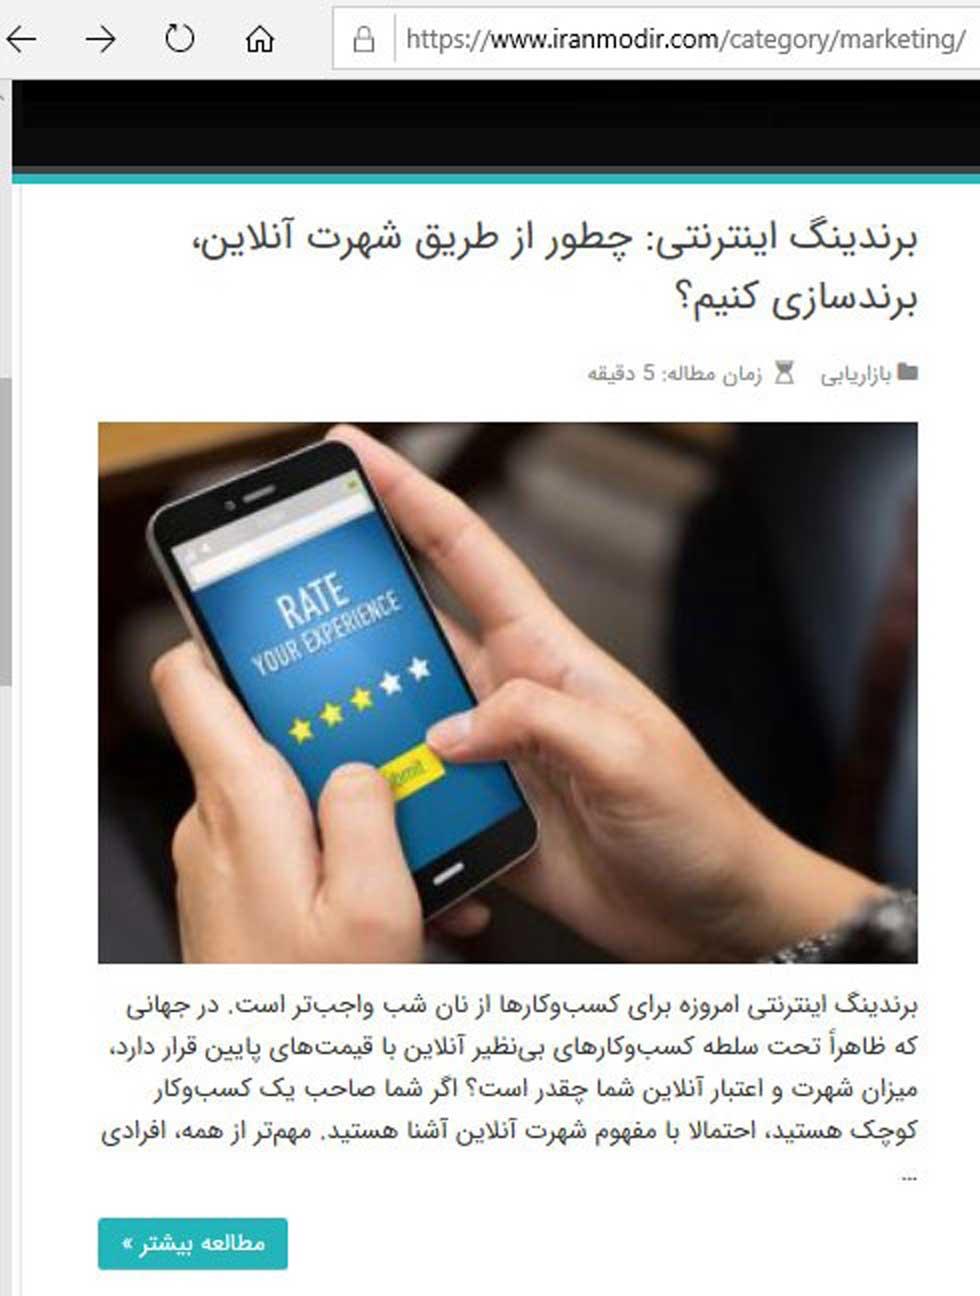 بازاریابی شبکه های اجتماعی و مطالب آموزشی